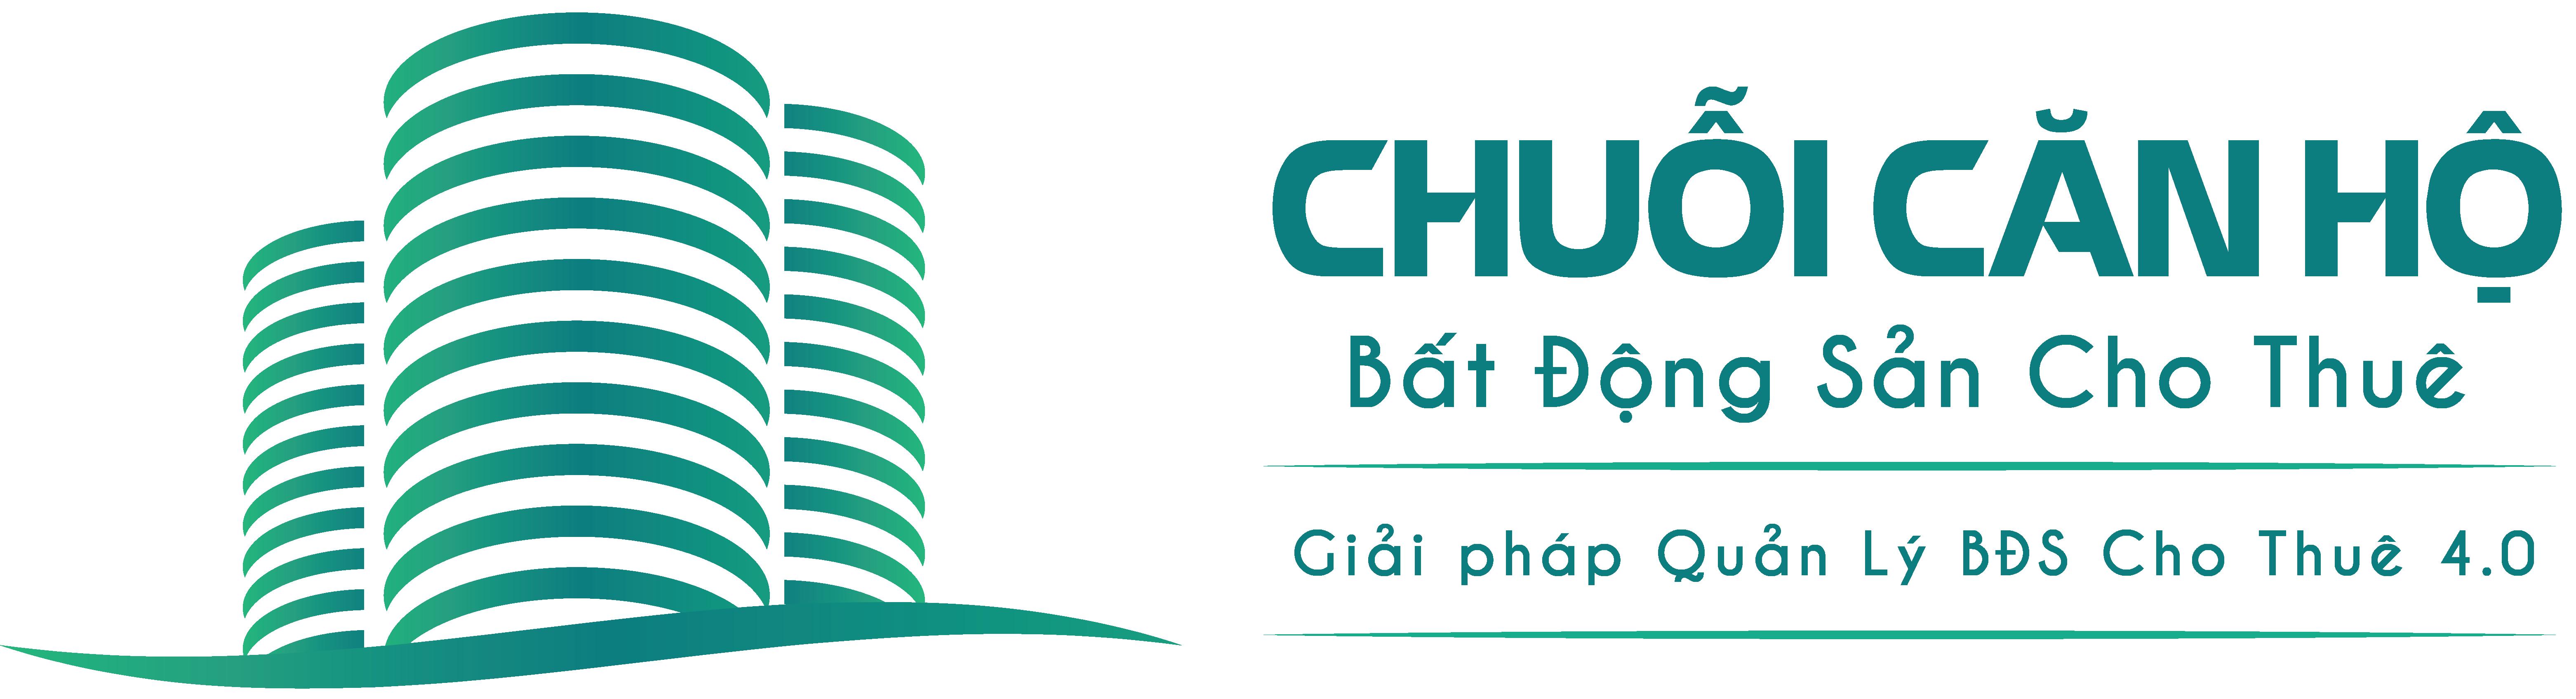 ChuoiCanHo - Giải pháp quản lý BĐS cho thuê 4.0